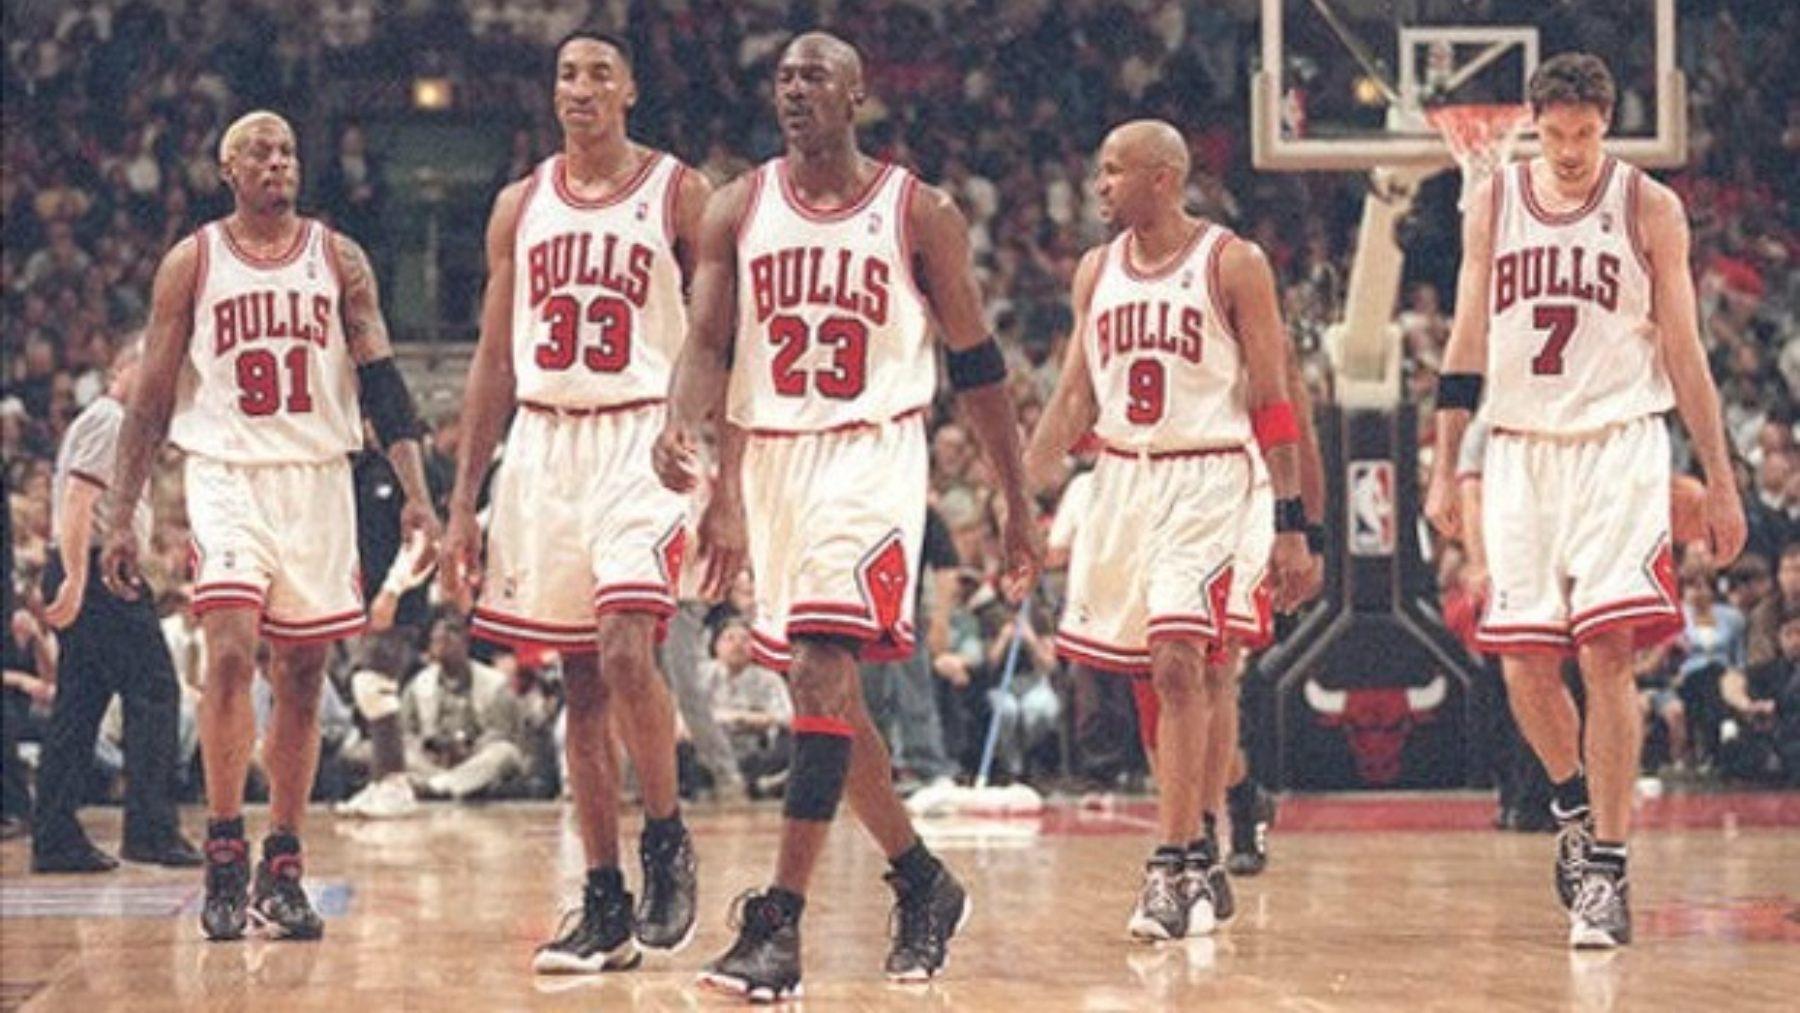 Chicaco Bulls de Jordan, uno de los mejores equipos de la historia de la NBA